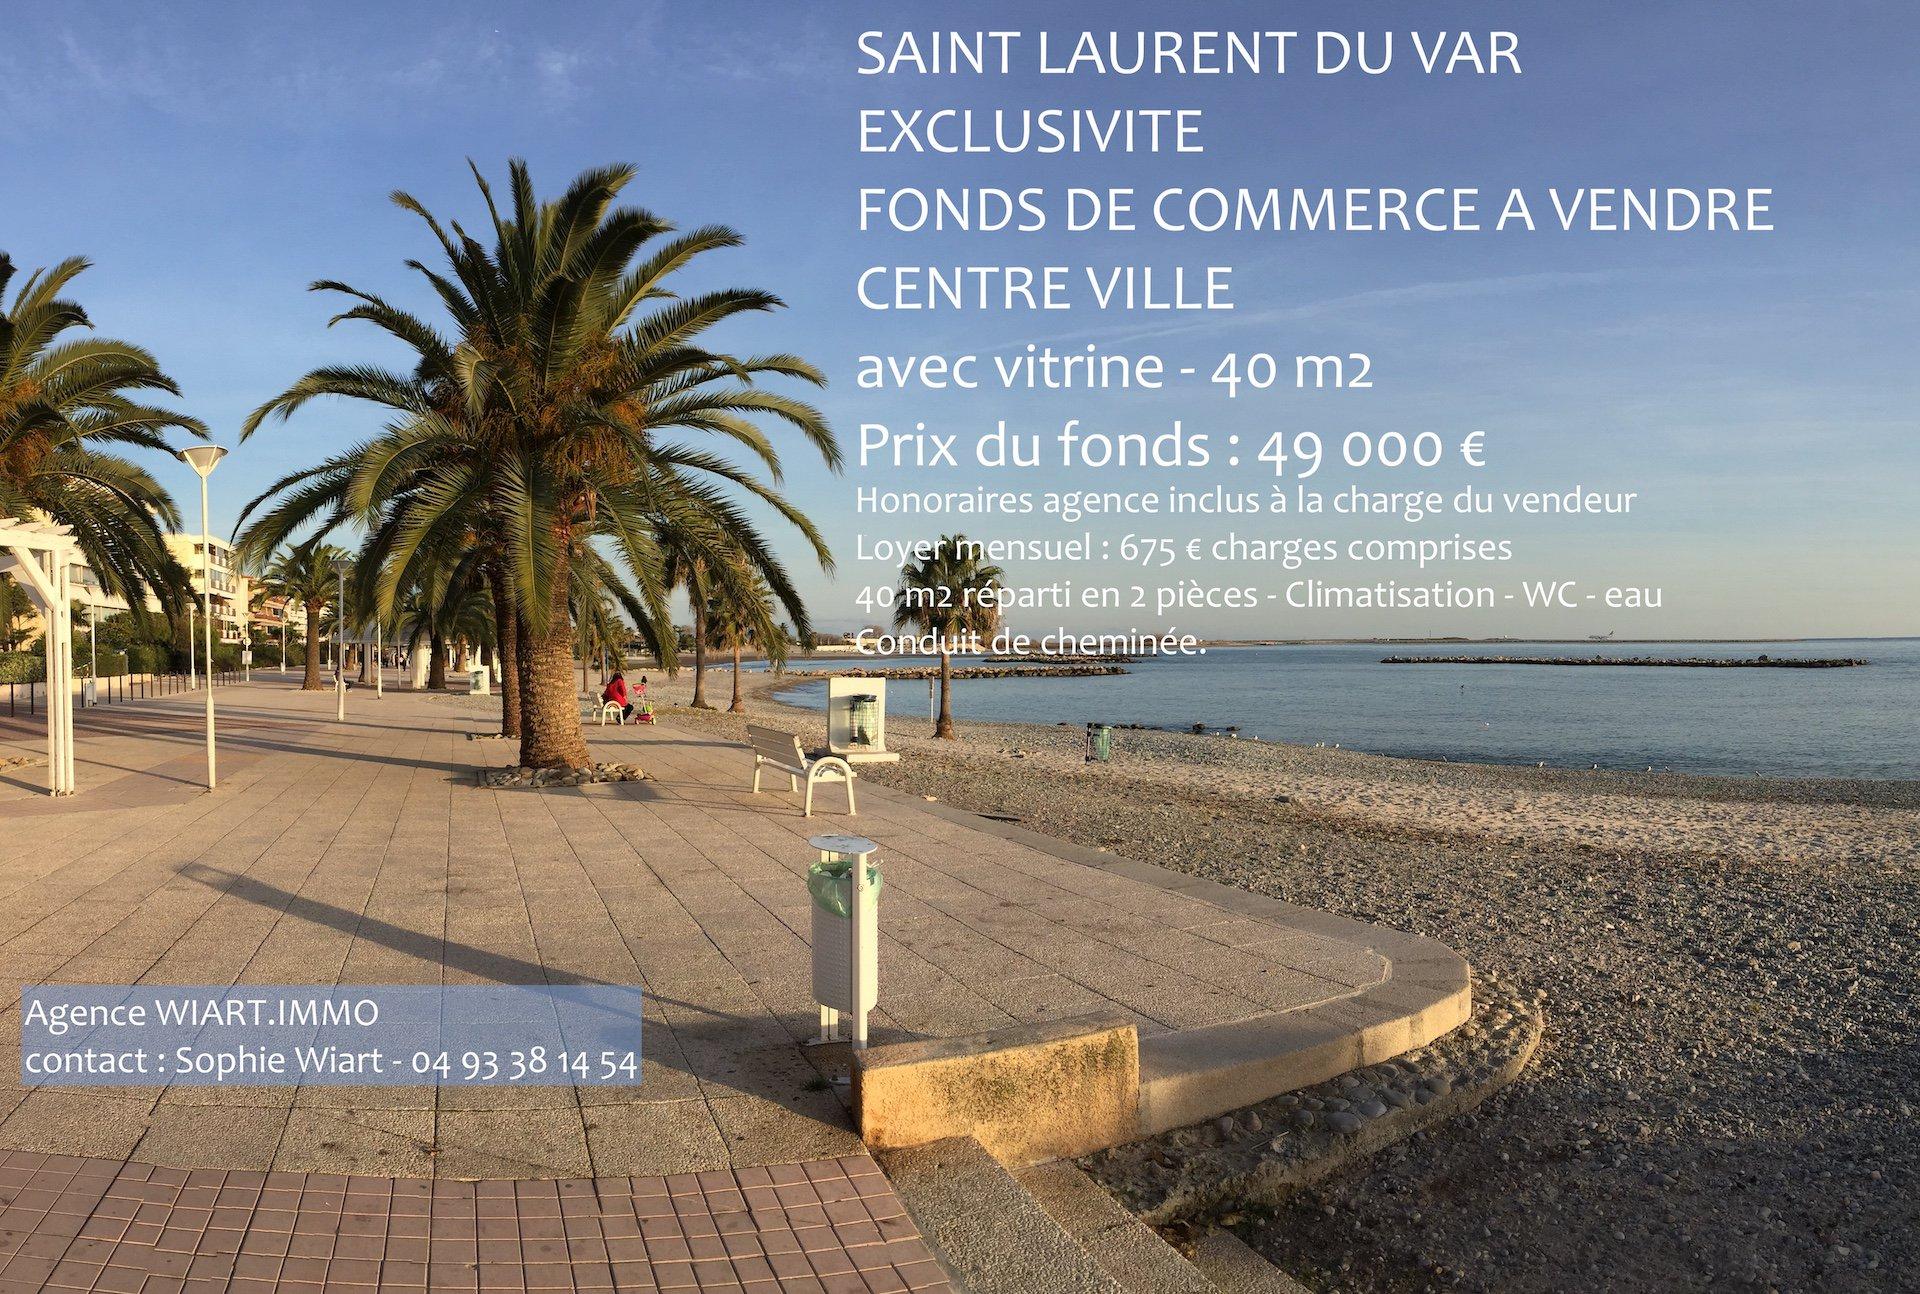 Sale Right to the lease - Saint-Laurent-du-Var Centre Ville